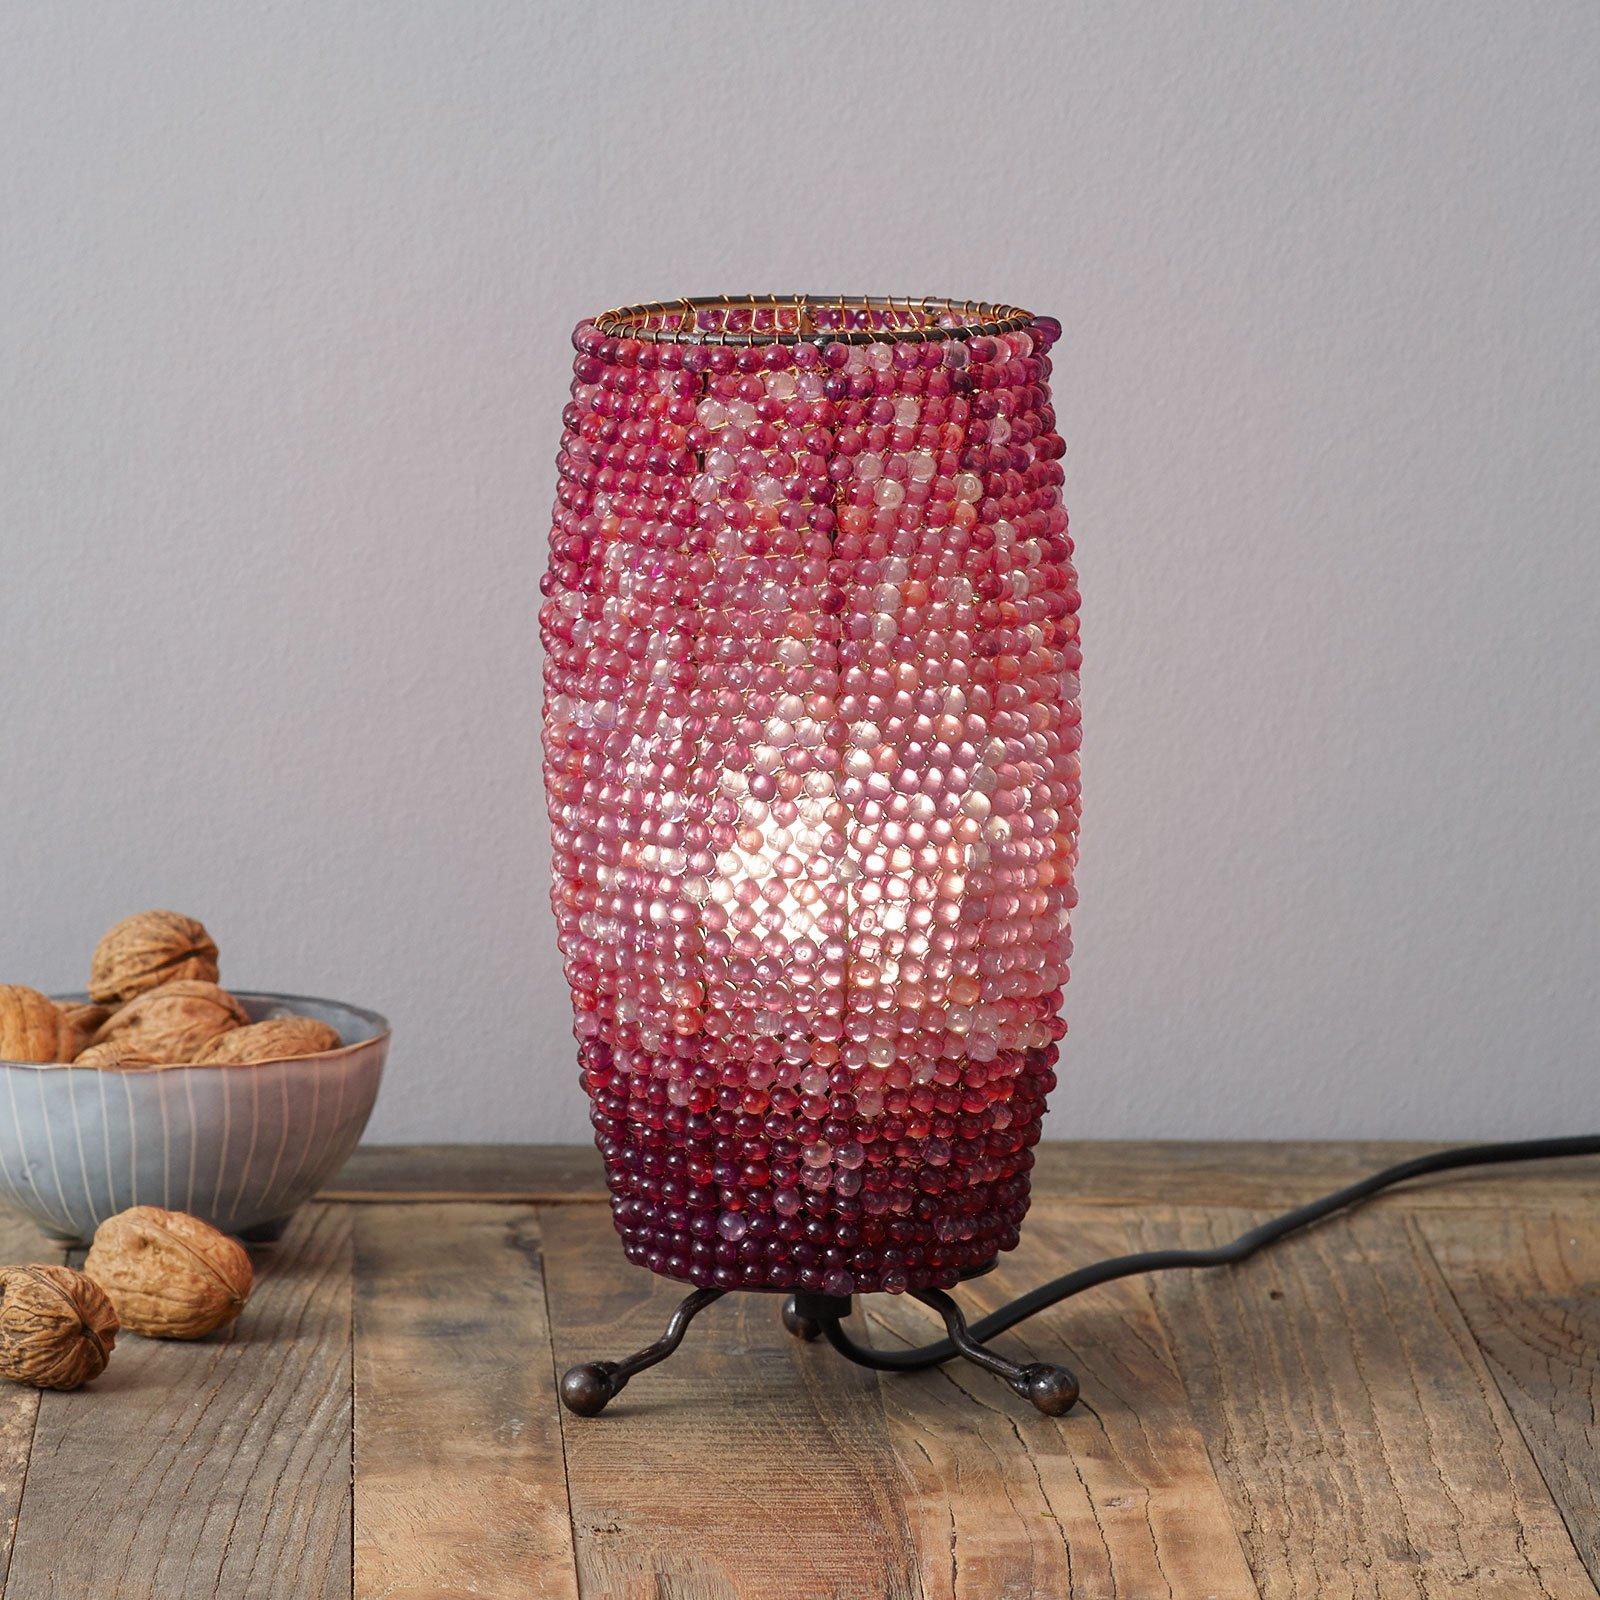 Bordlampe Perla sylindrisk form høyde 24 cm